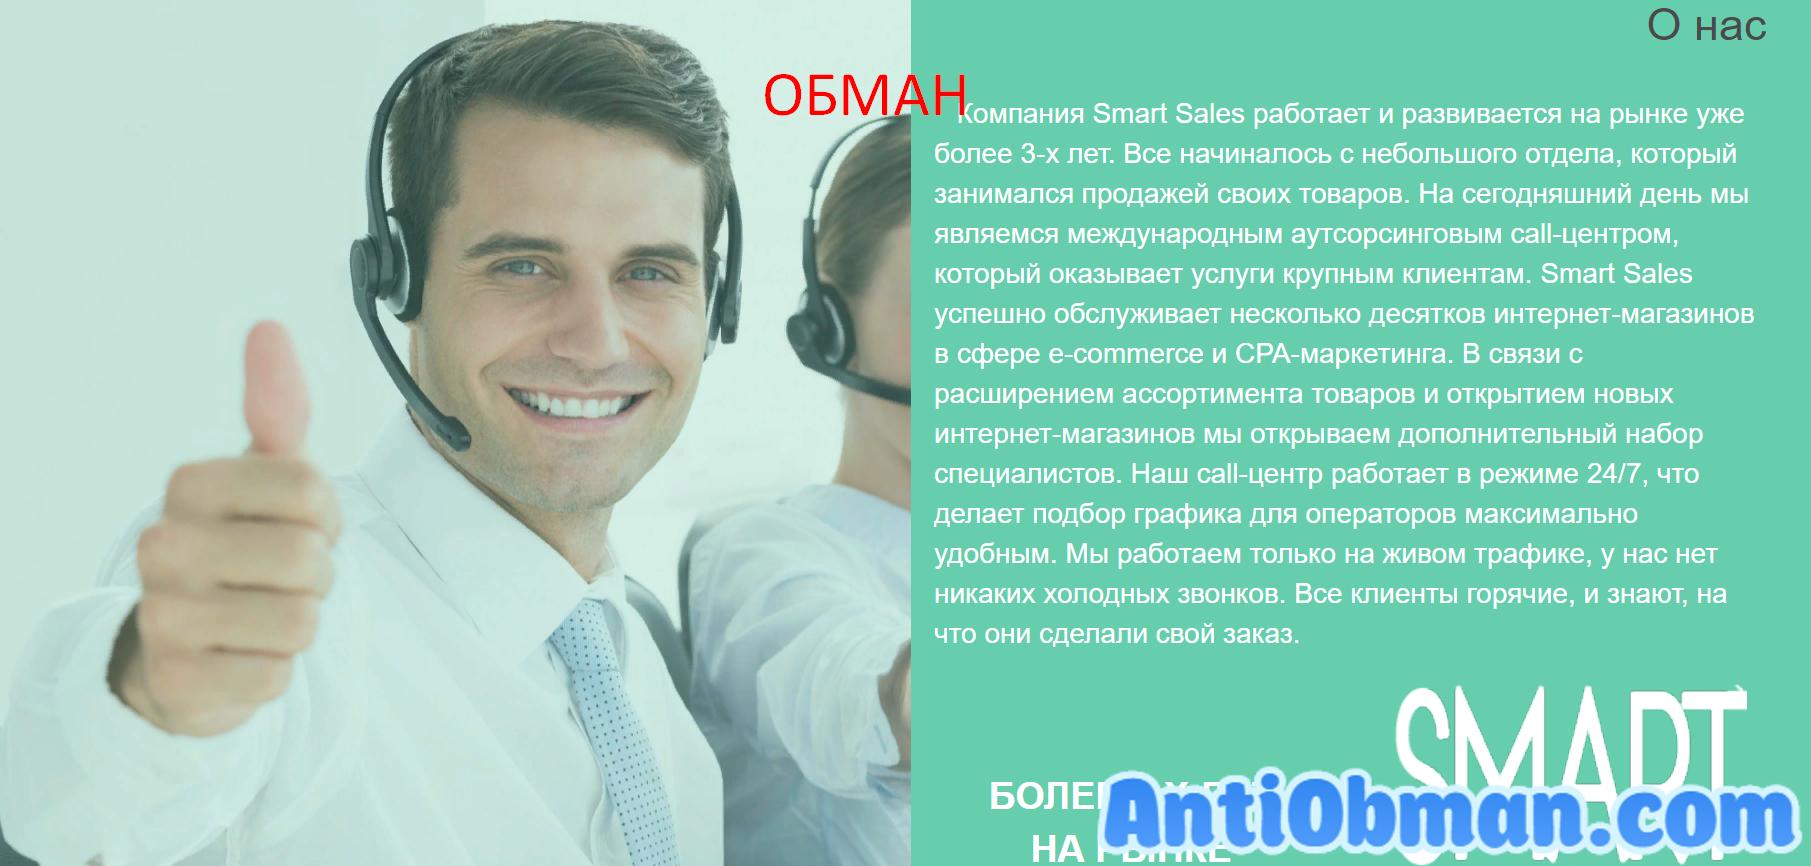 Smart Sales - отзывы о работе